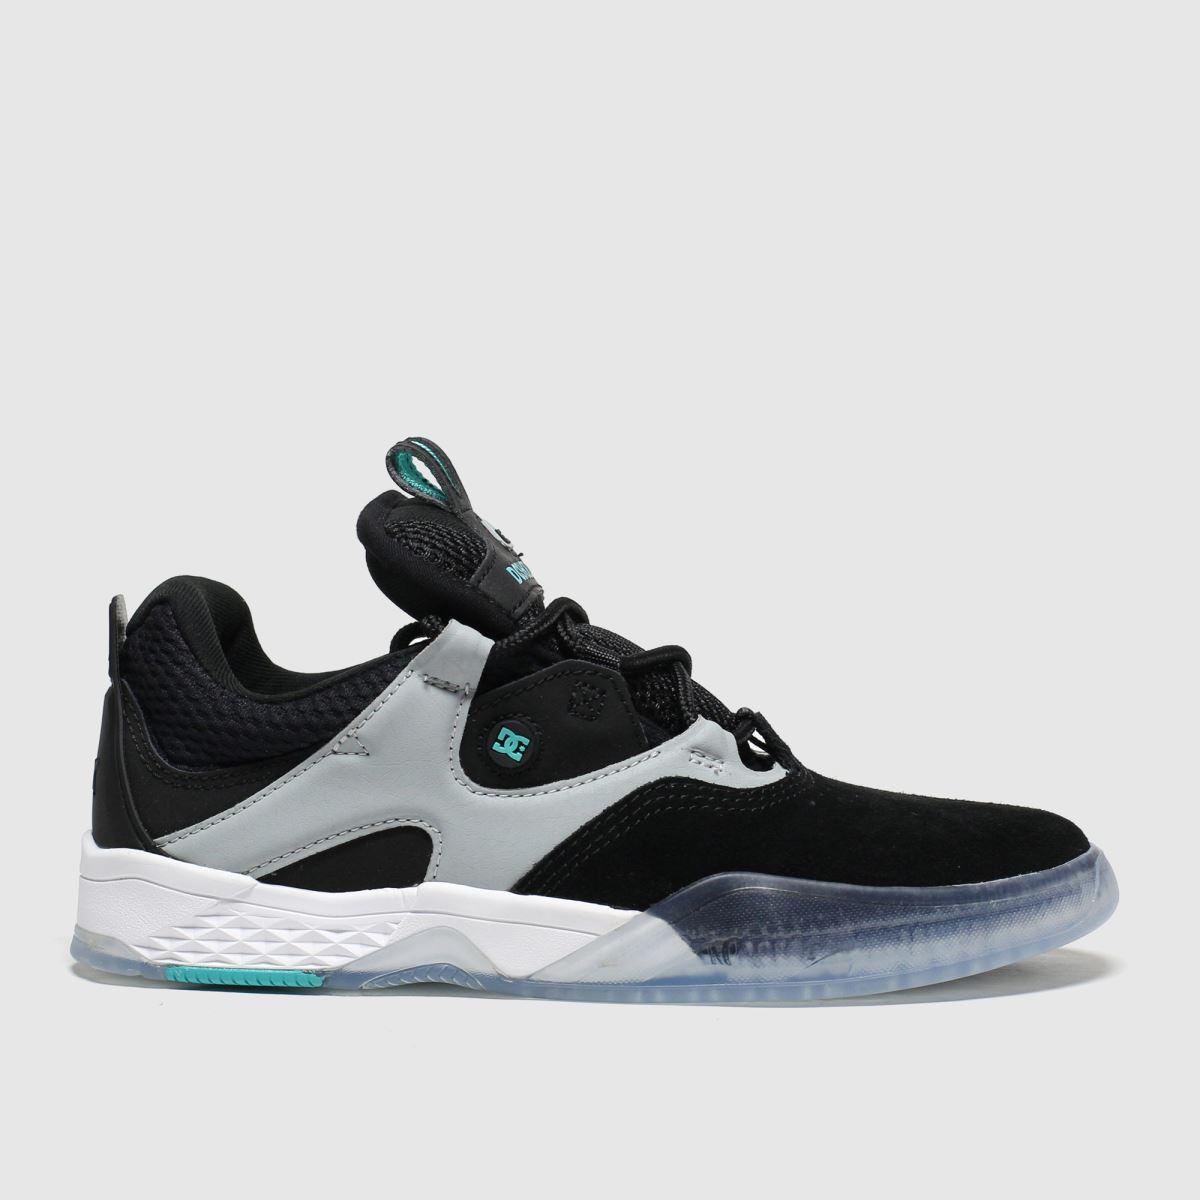 dc shoes Dc Shoes Black & Grey Kalis Trainers